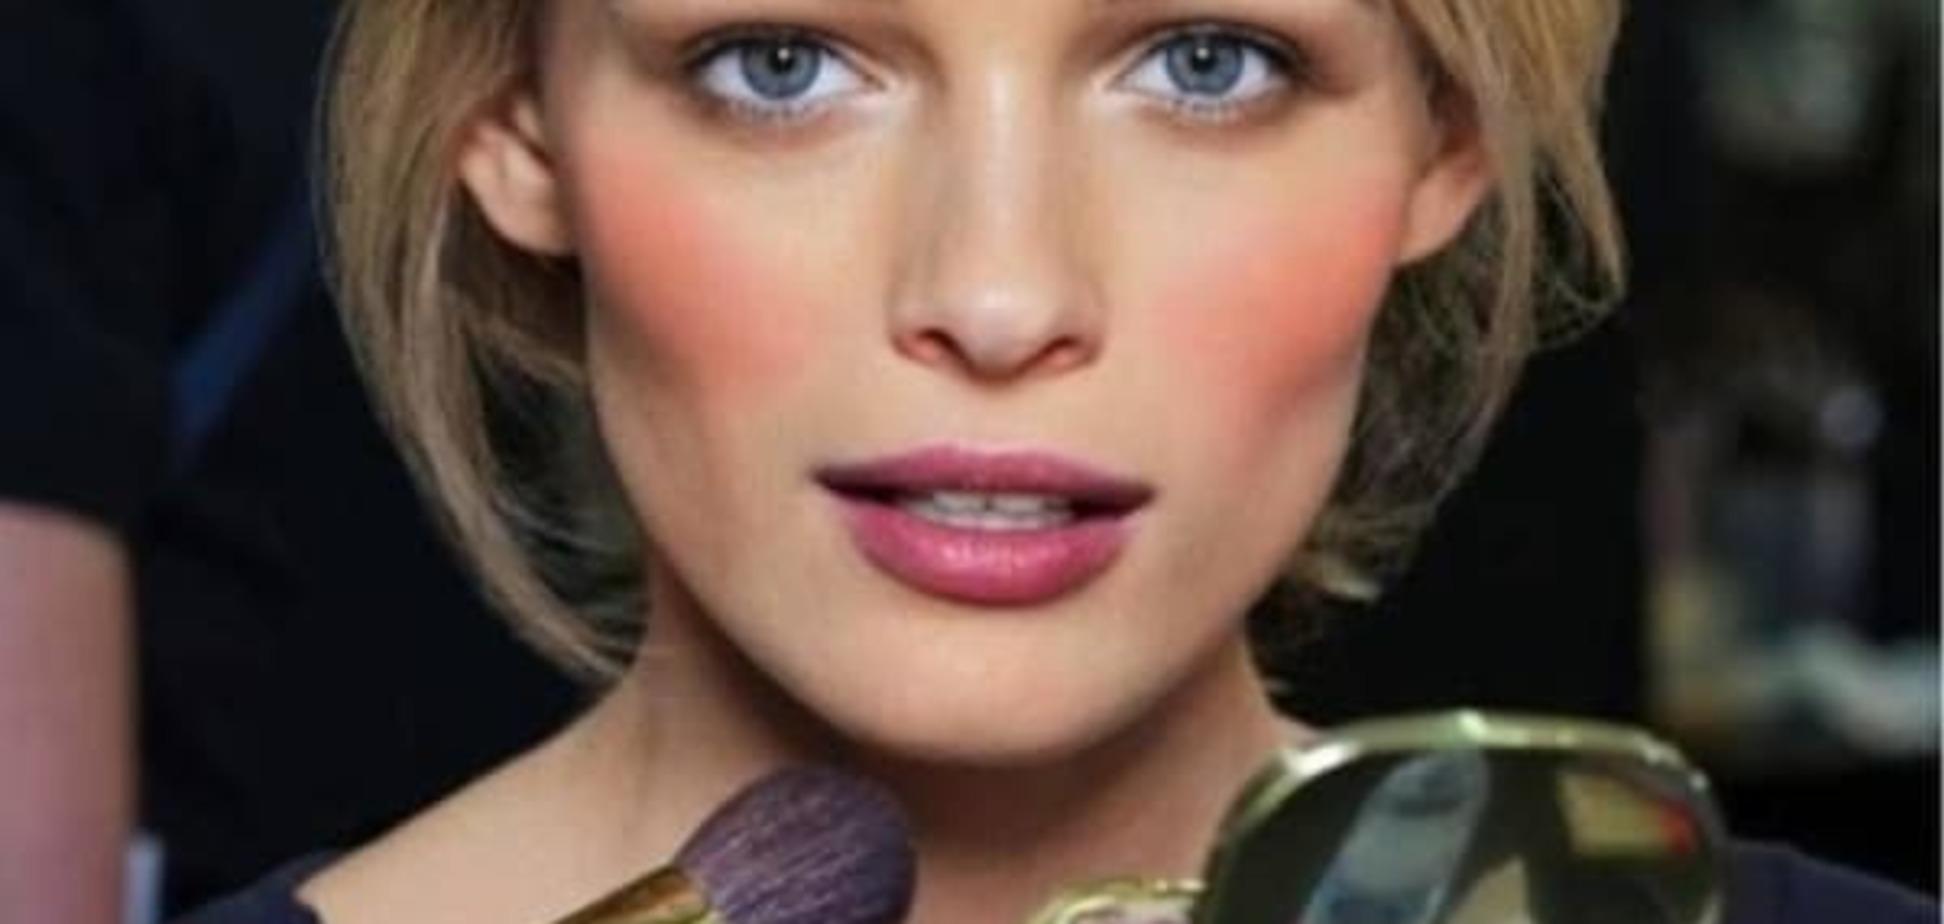 Правильні риси обличчя за 5 хвилин: простий спосіб поліпшити зовнішність